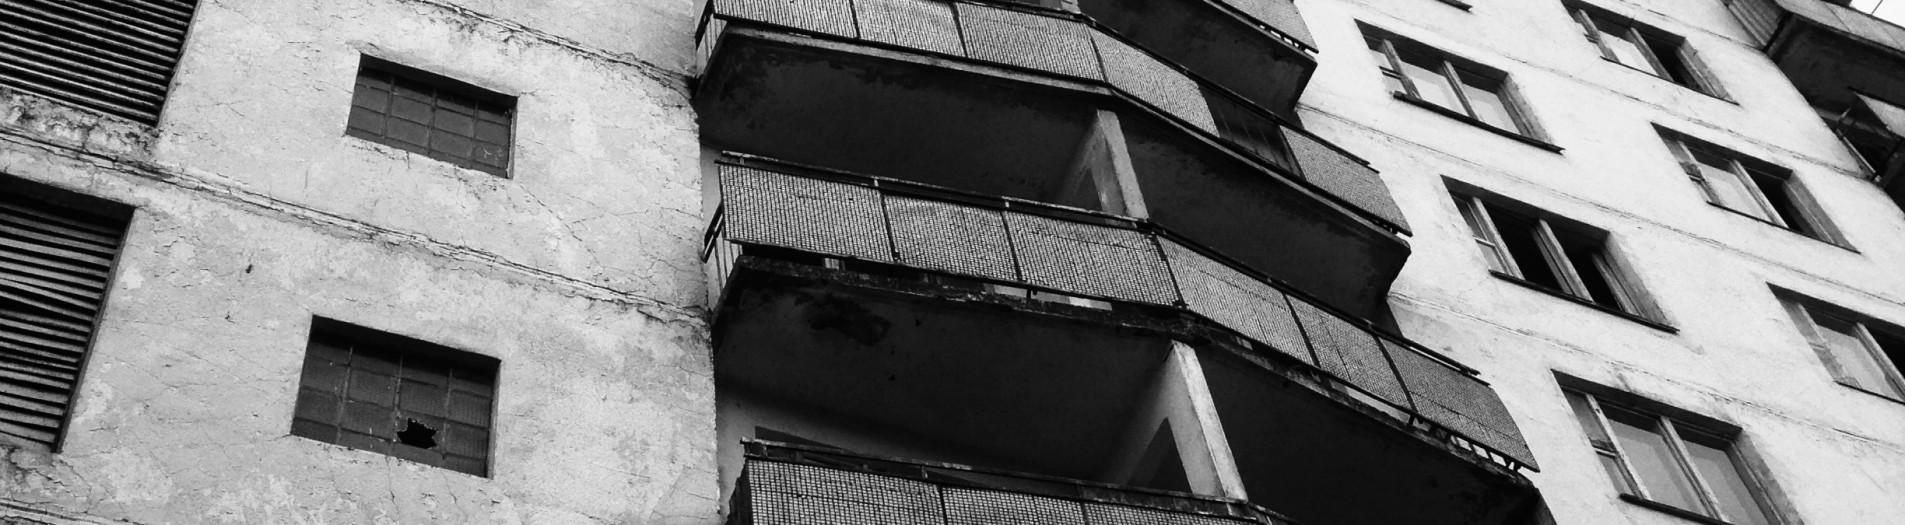 Chernobyl Series – Capítulo 17 – Día 3 - Azotea edificio 16 plantas